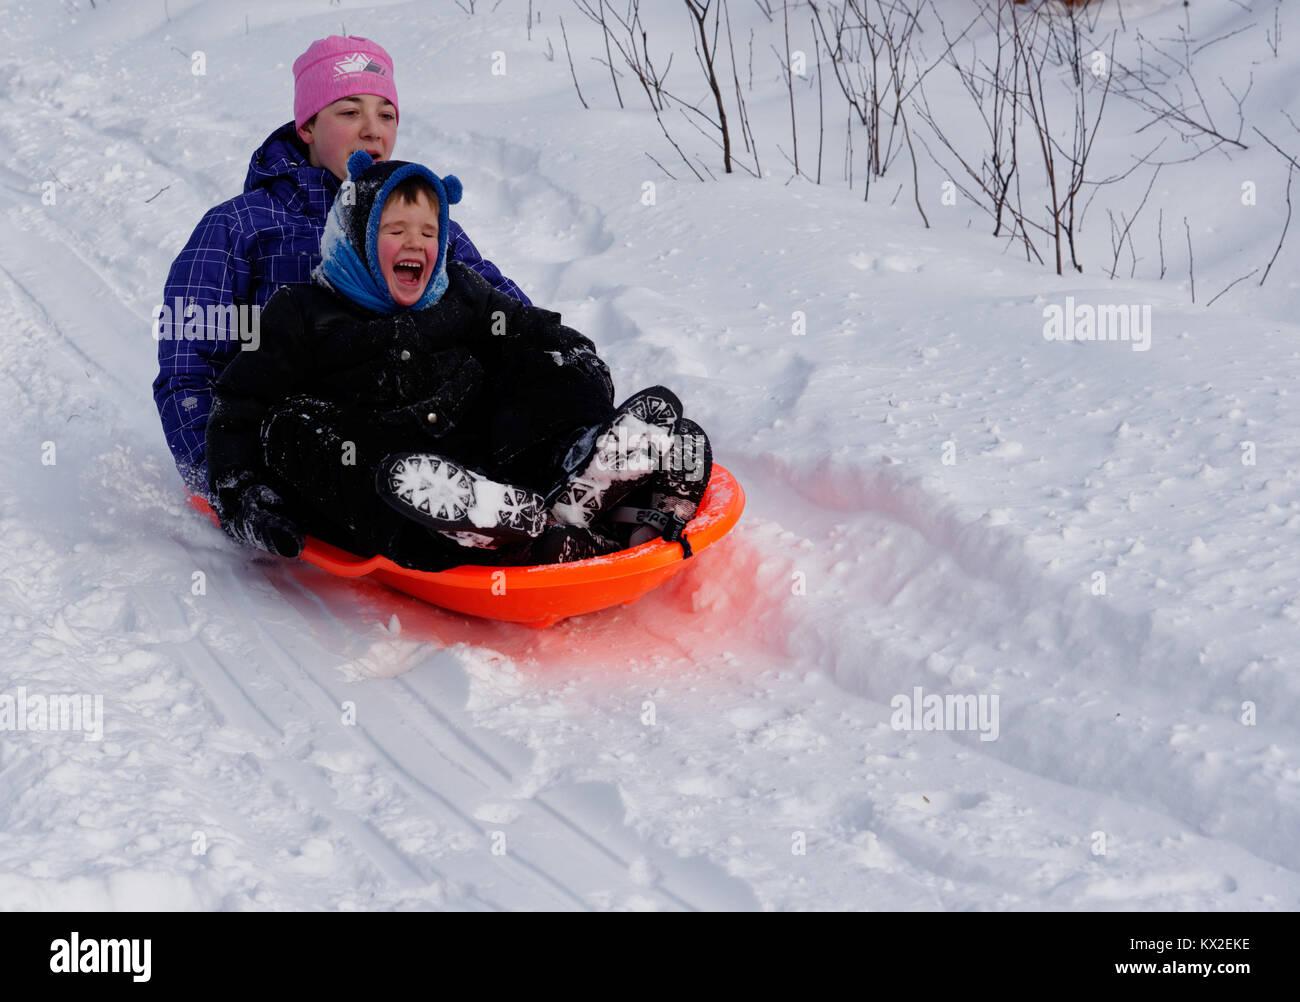 Un adolescente (18 años) en un trineo con un niño pequeño (5 años), buscando nervioso como su Imagen De Stock